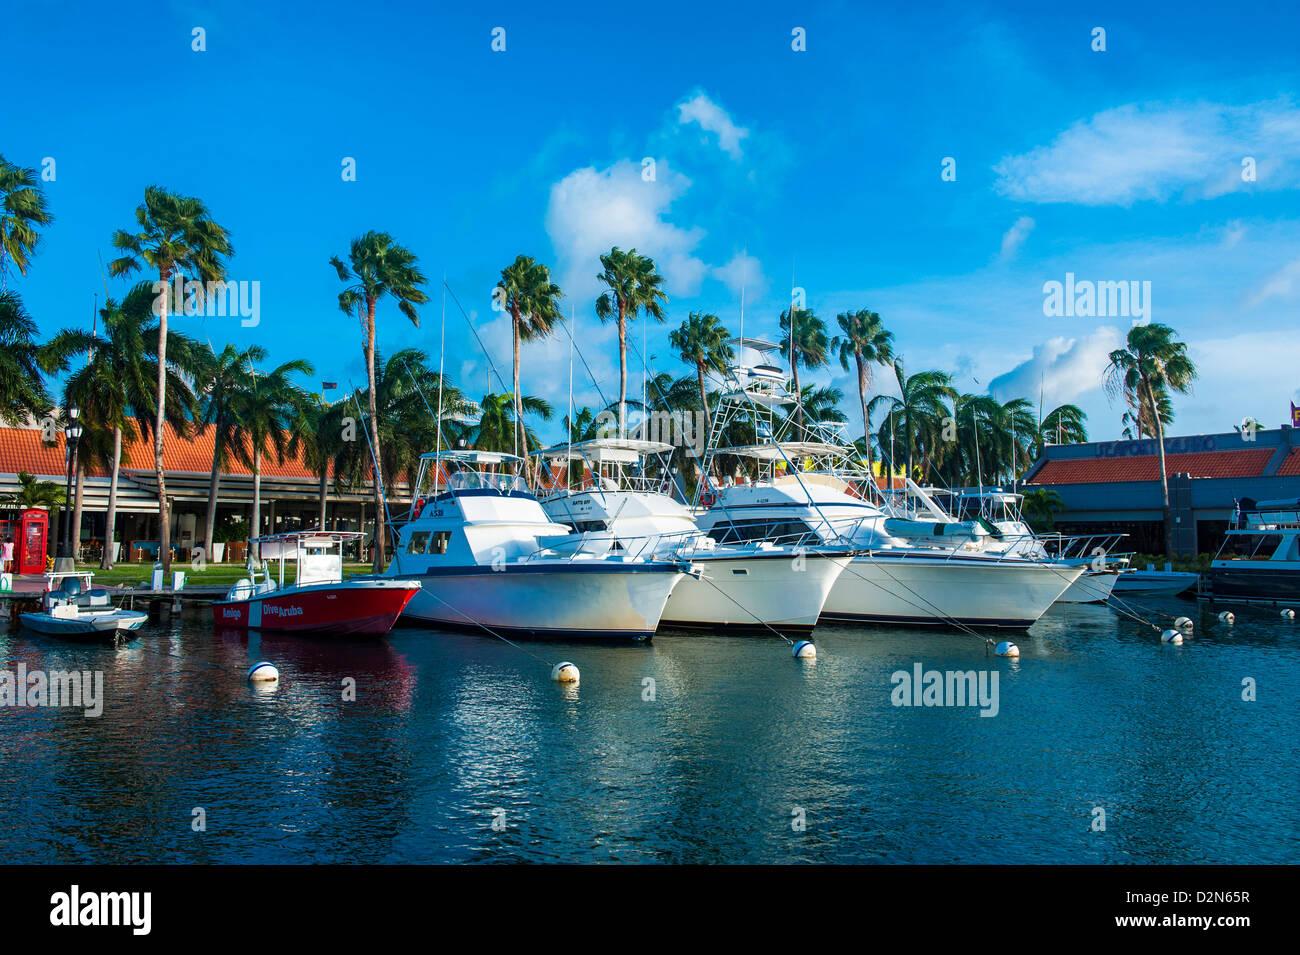 Yacht-Hafen in der Innenstadt von Oranjestad, Hauptstadt von Aruba, ABC-Inseln, Niederländische Antillen, Karibik, Stockbild